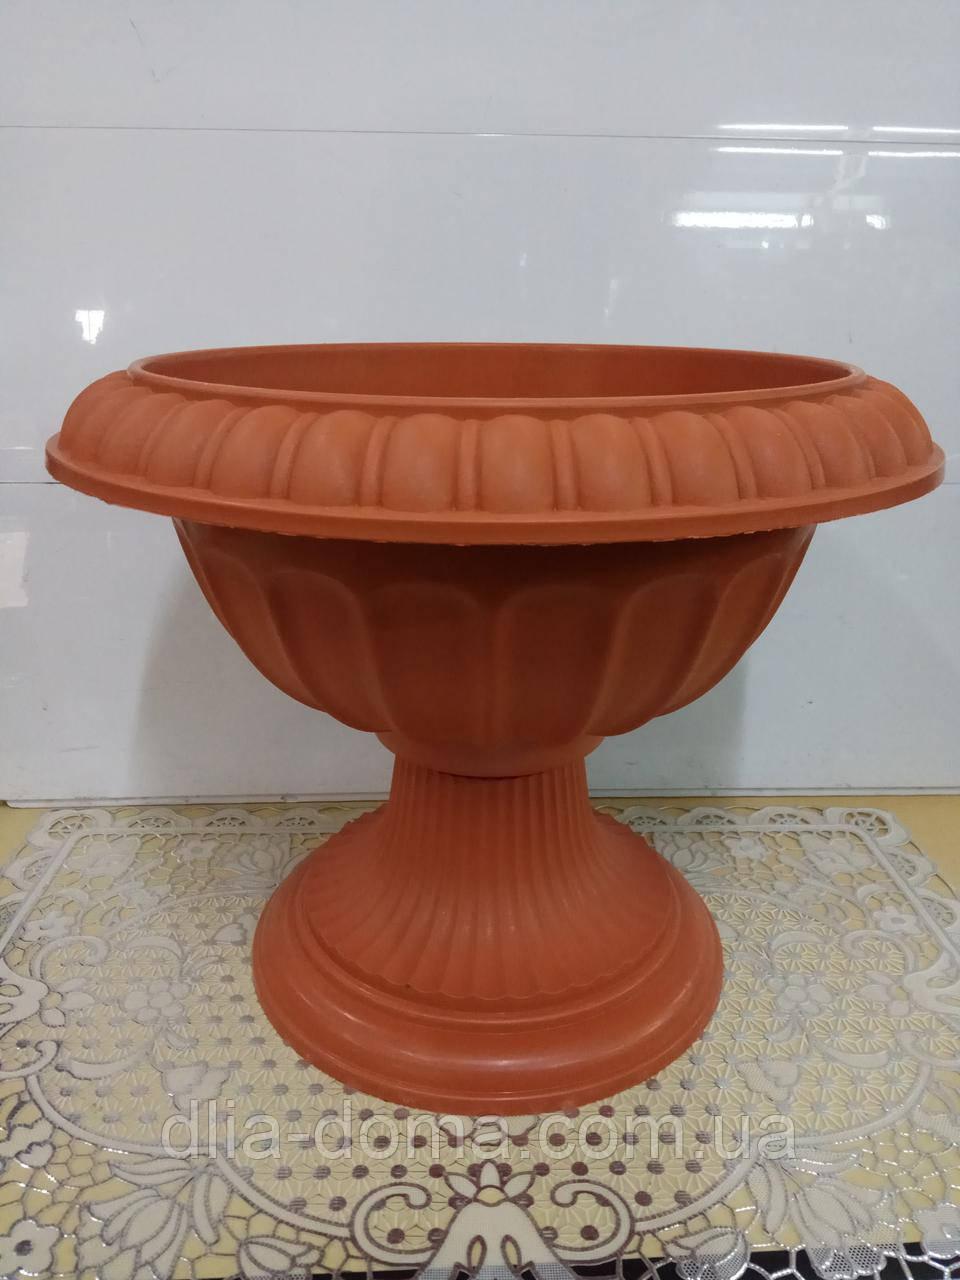 Горшок для цветов пластиковый Вазон на ножке, диаметр 42 см высота 34 см, 2905